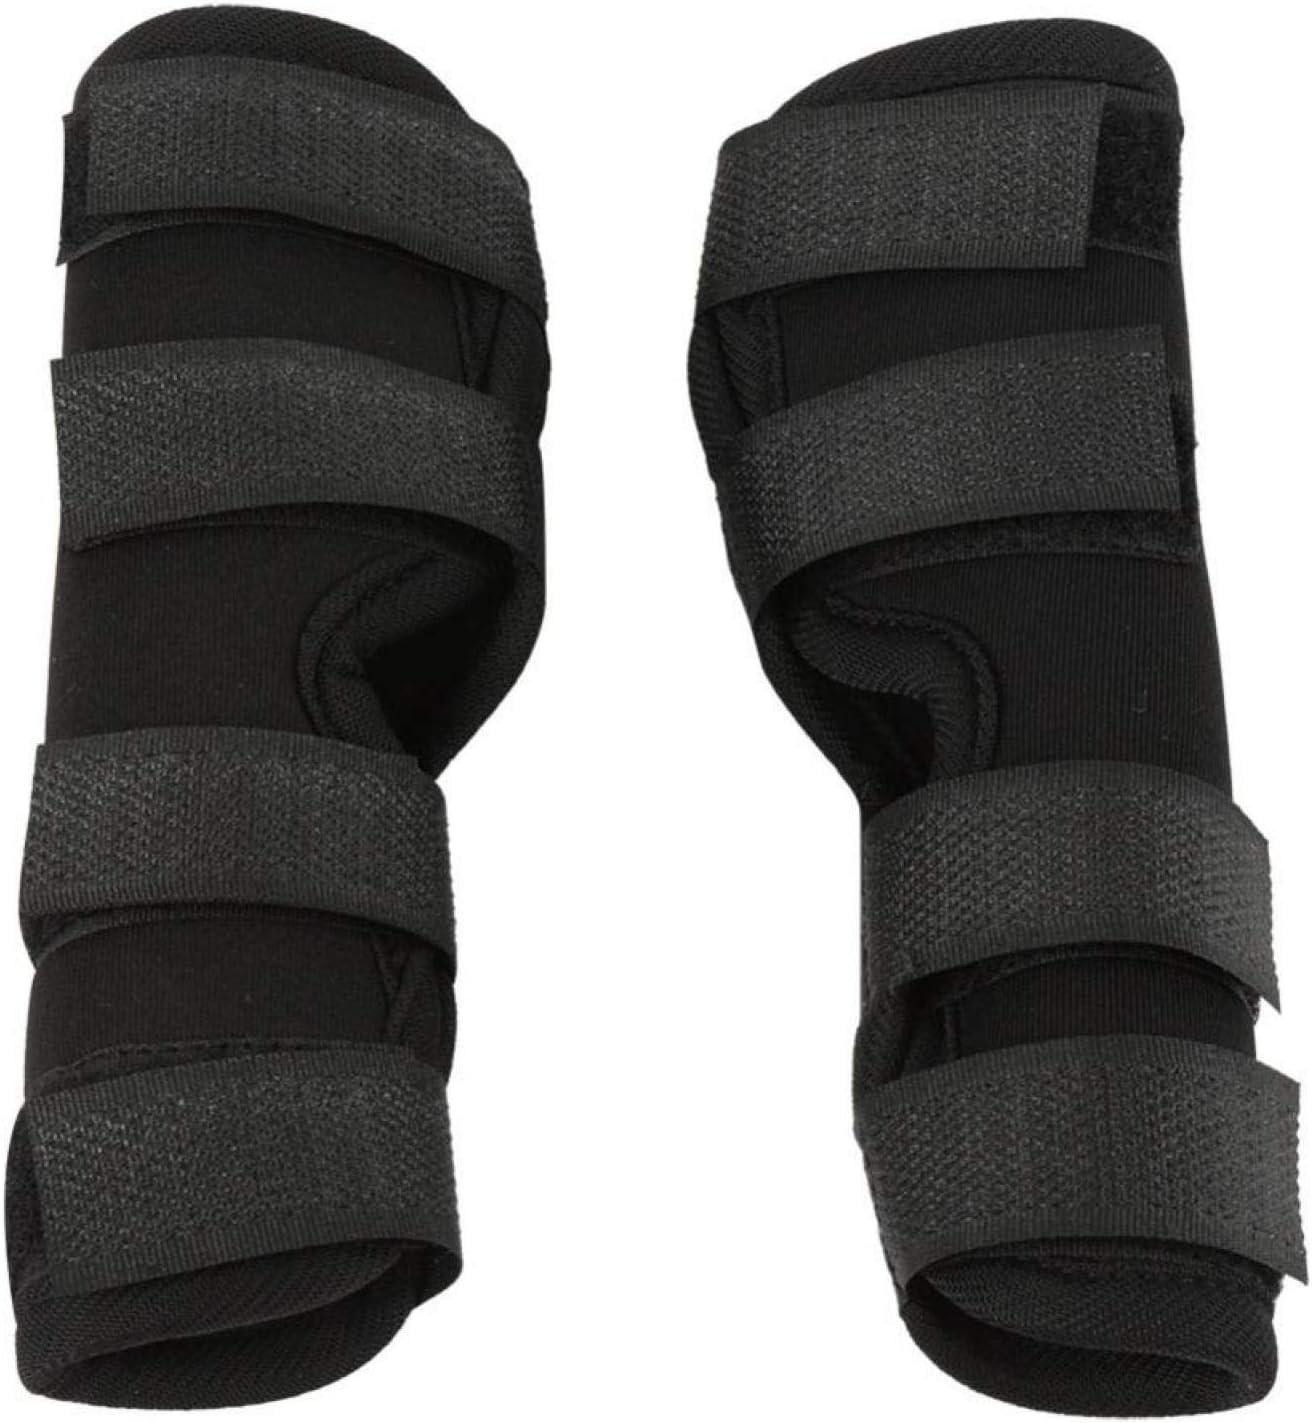 BTER Soporte para piernas traseras a Prueba de Golpes, Soporte para piernas de Perro, Envoltura para Lesiones por Lesiones quirúrgicas, Herramienta de(Black, L Code)